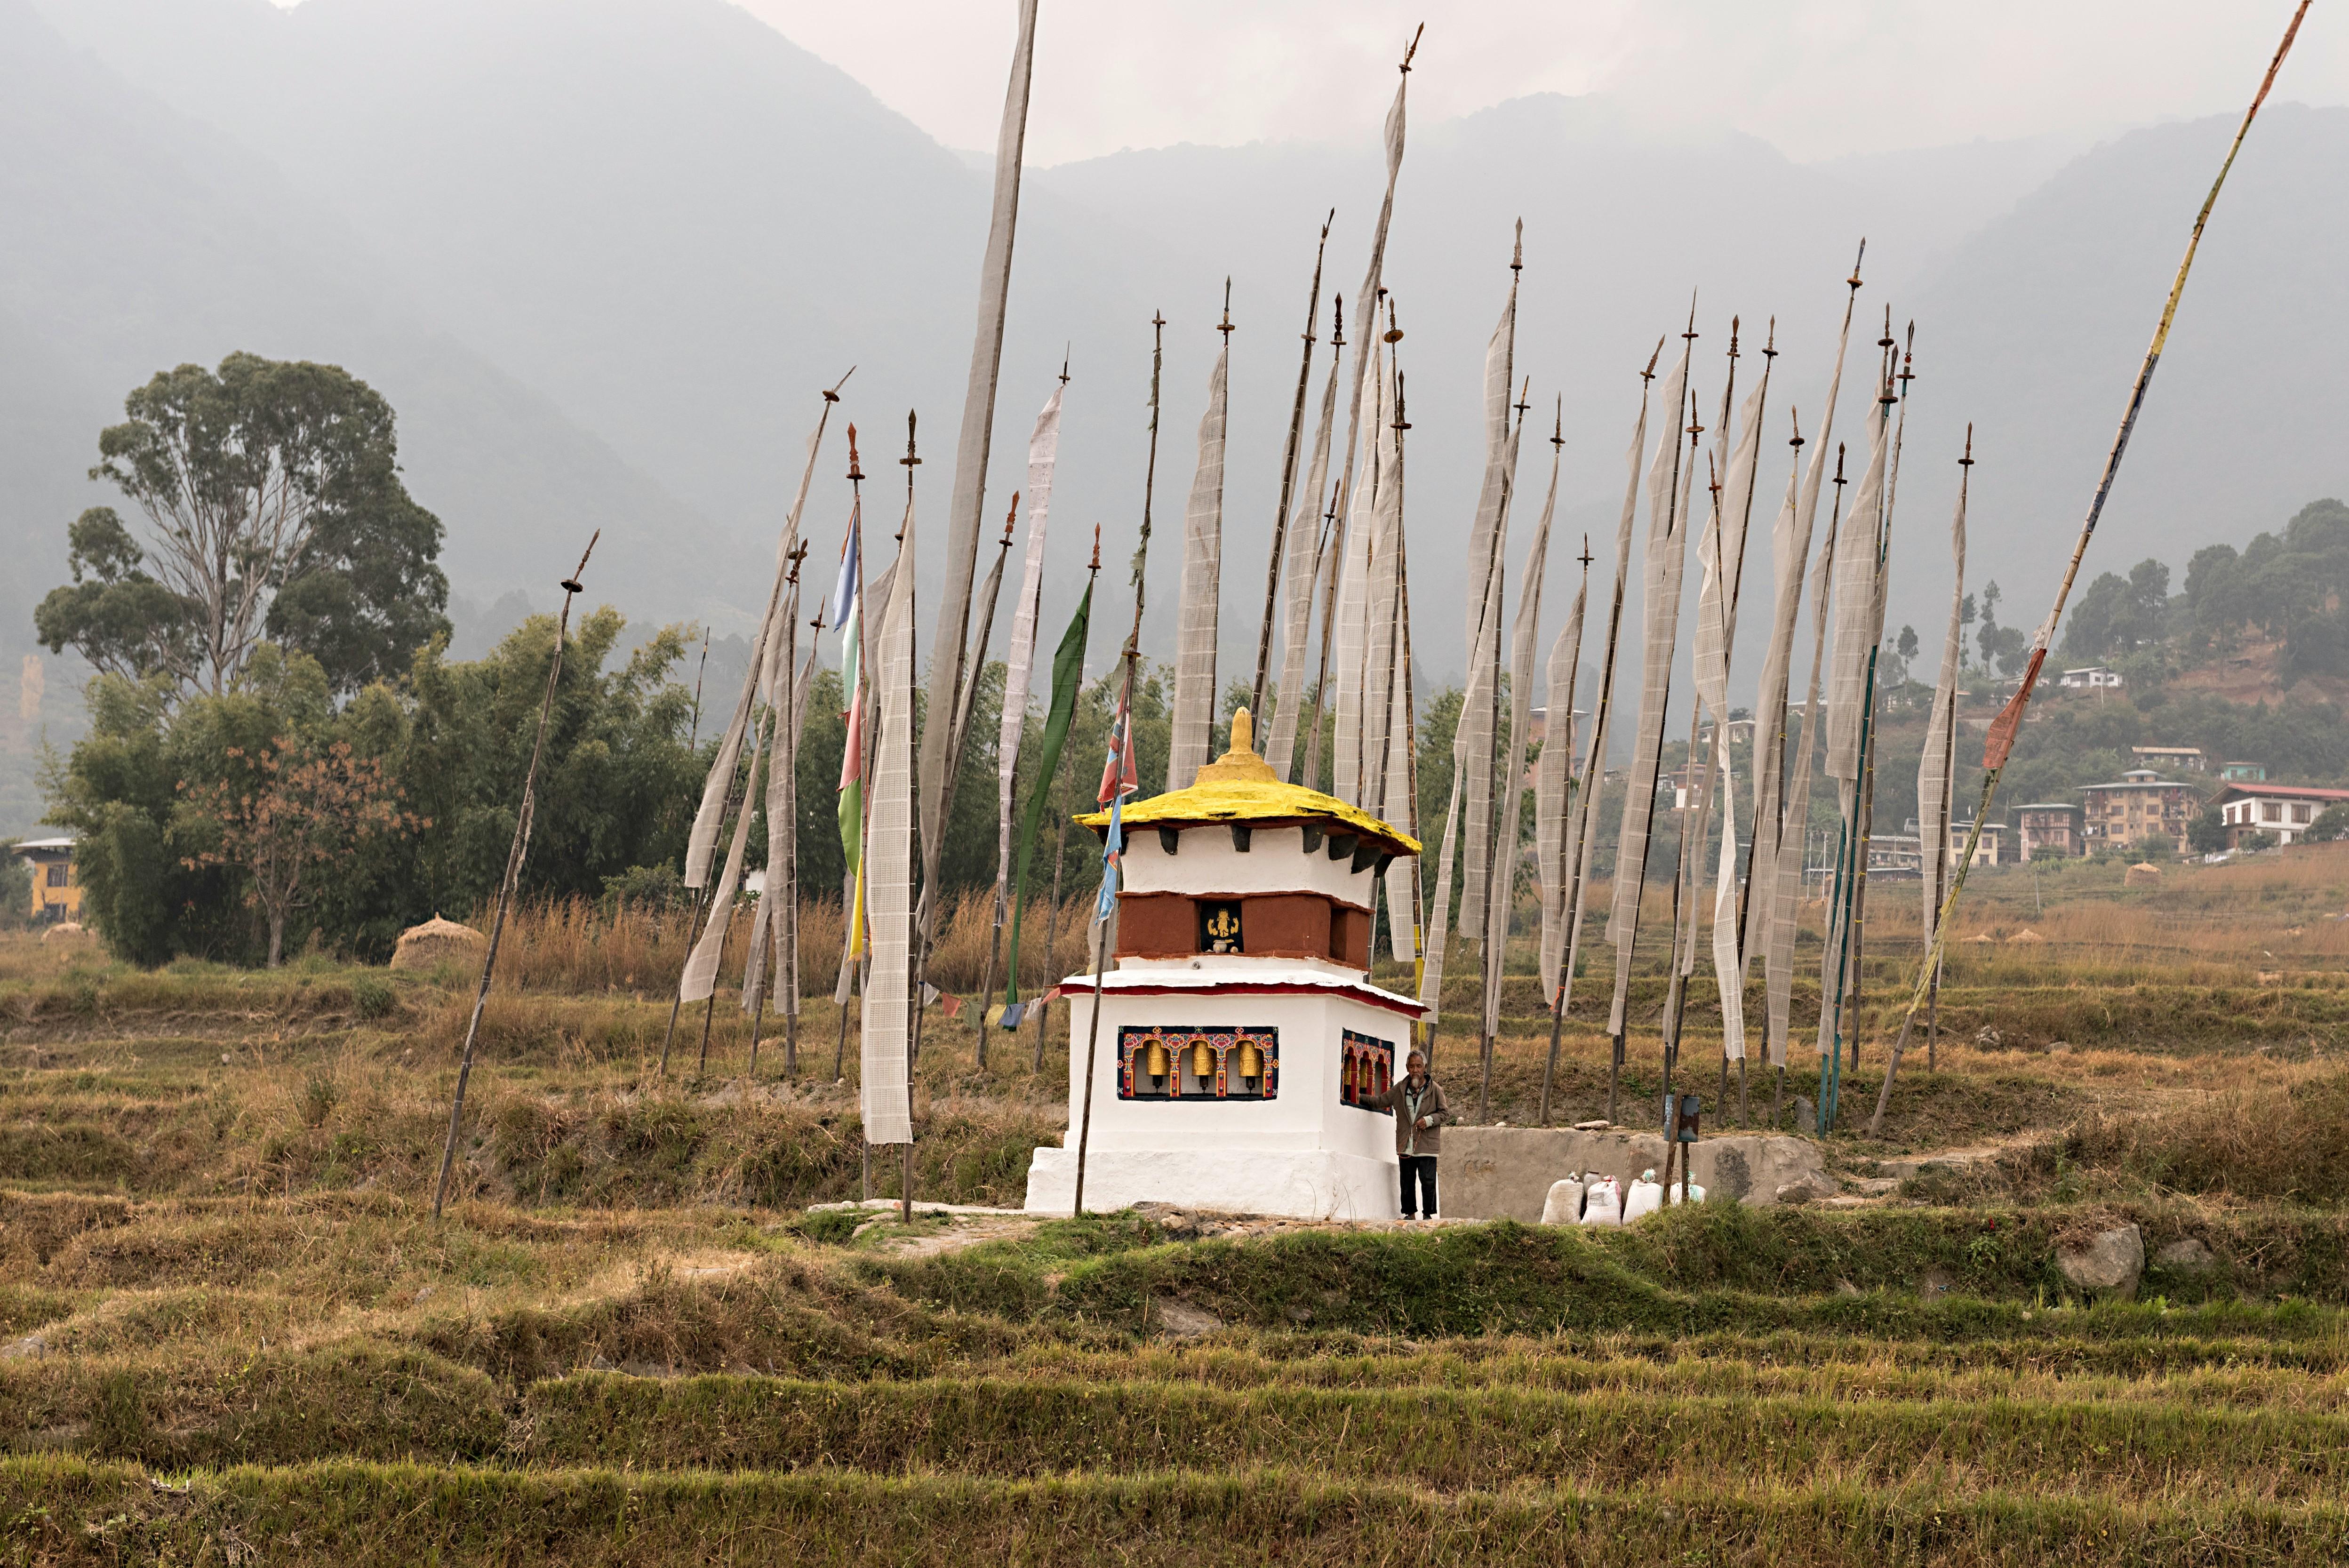 Las estupas son monumentos espirituales que generan paz y tranquilidad. Estos atributos son tan importantes para los butaneses que dichas construcciones se levantan en numerosos y diversos lugares, como por ejemplo en medio de un campo de arroz